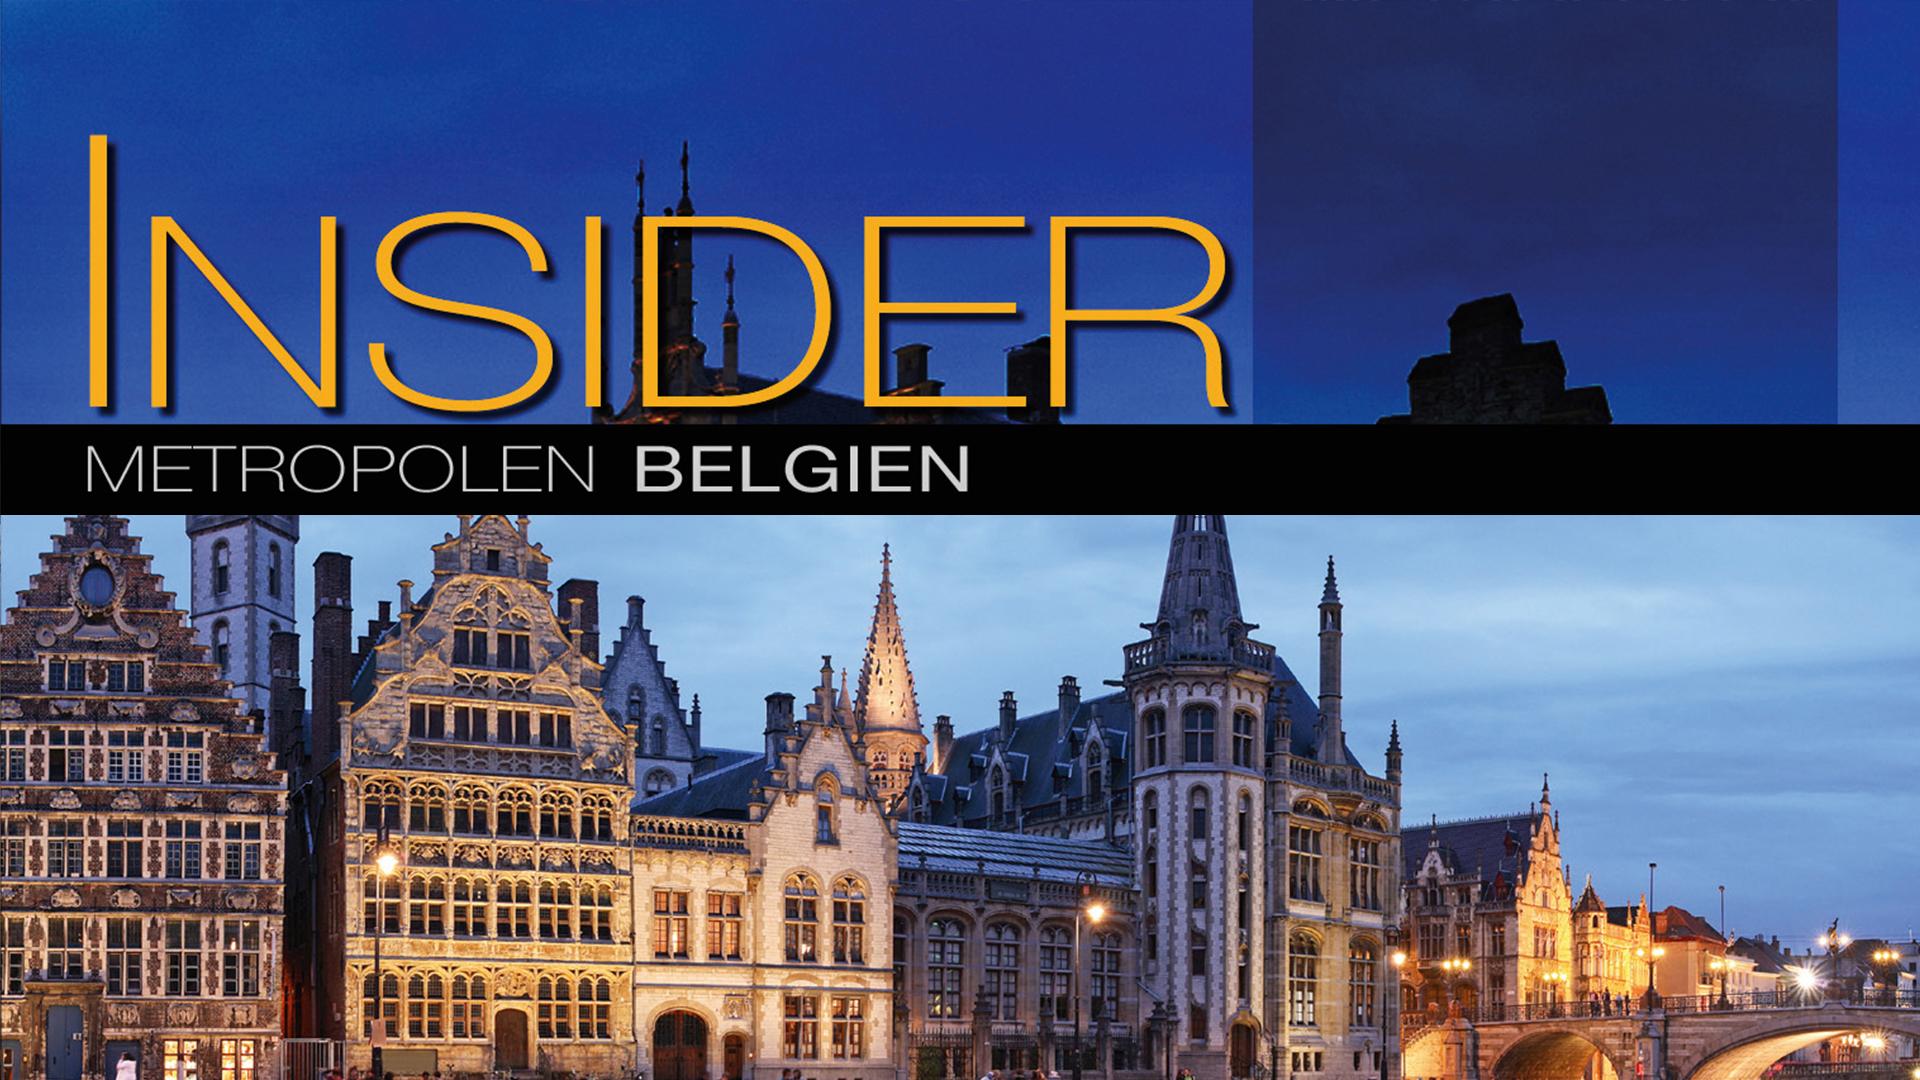 Insider Metropolen - Gent